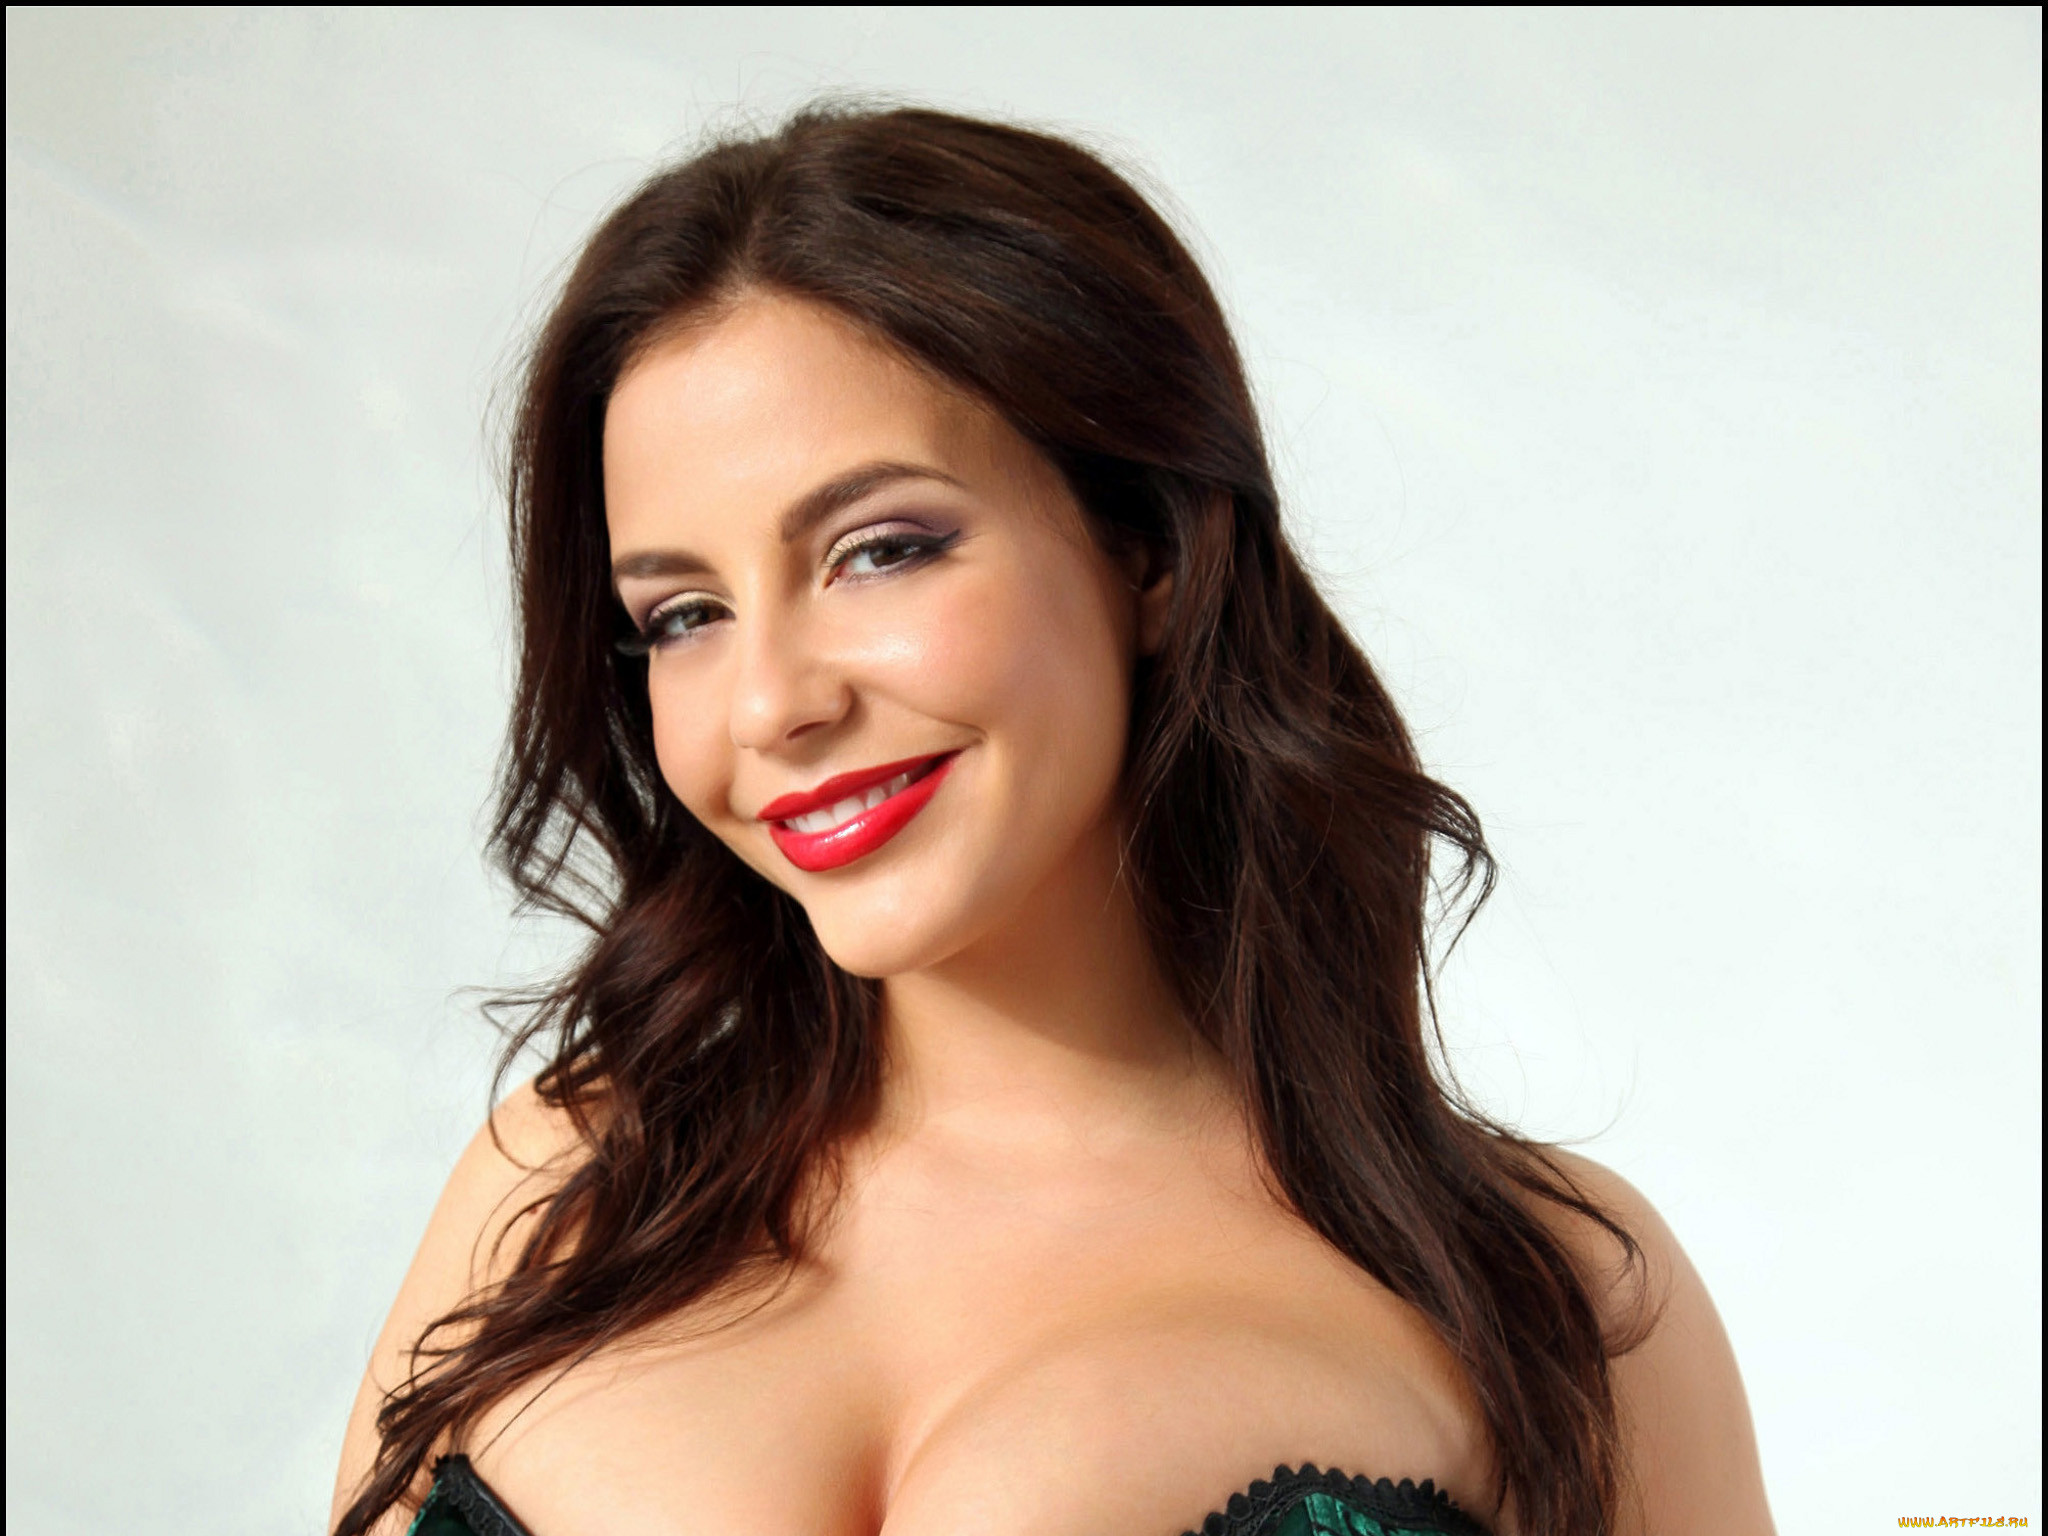 Elyda villalobos desiree девушки makeup улыбка